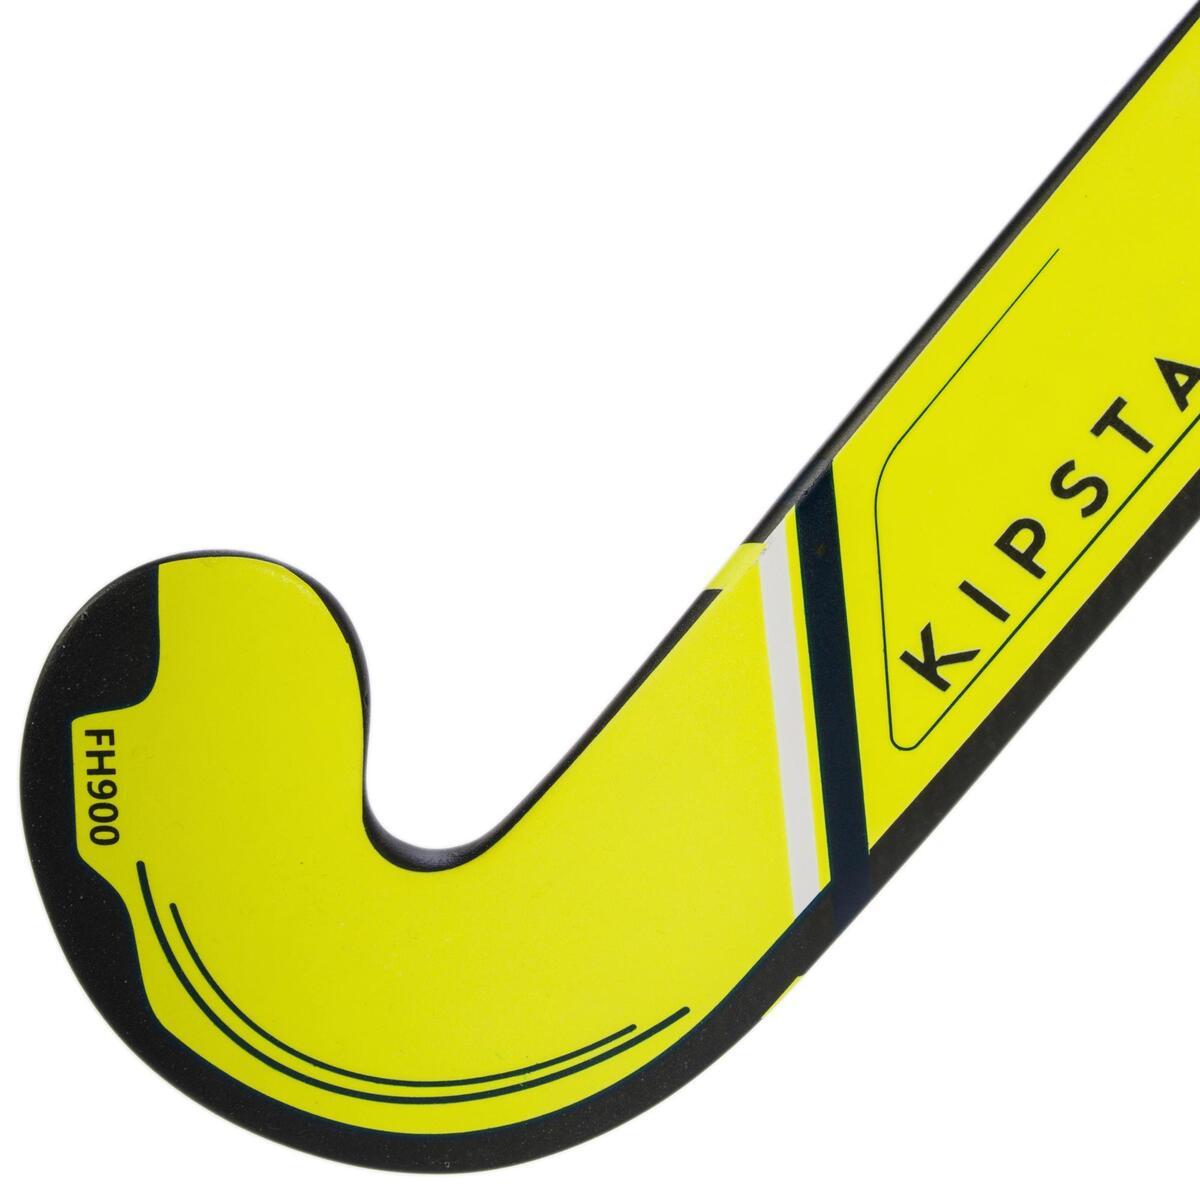 Bild 5 von Feldhockeyschläger FH900 Erwachsene Low Bow 95% Carbon gelb